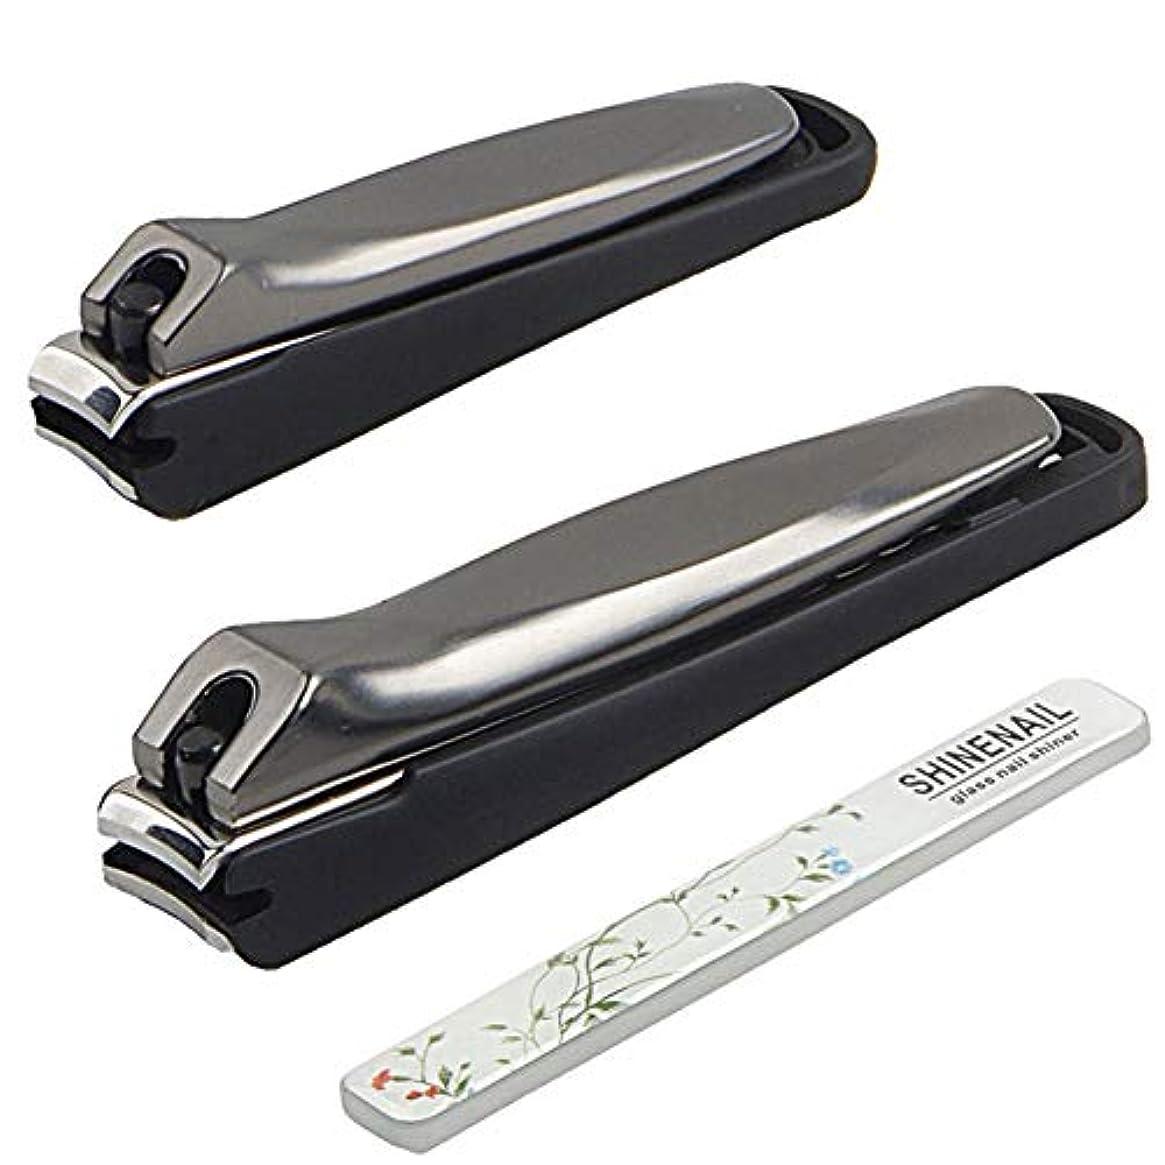 そっとどんなときもエピソードFLYMARK 爪切り ステンレス鋼製ツメキリ 飛び散り防止つめきり 高級 握りやすい 爪やすり付き 手足用 3本セット スパット切れる 収納袋付き (ブラック)